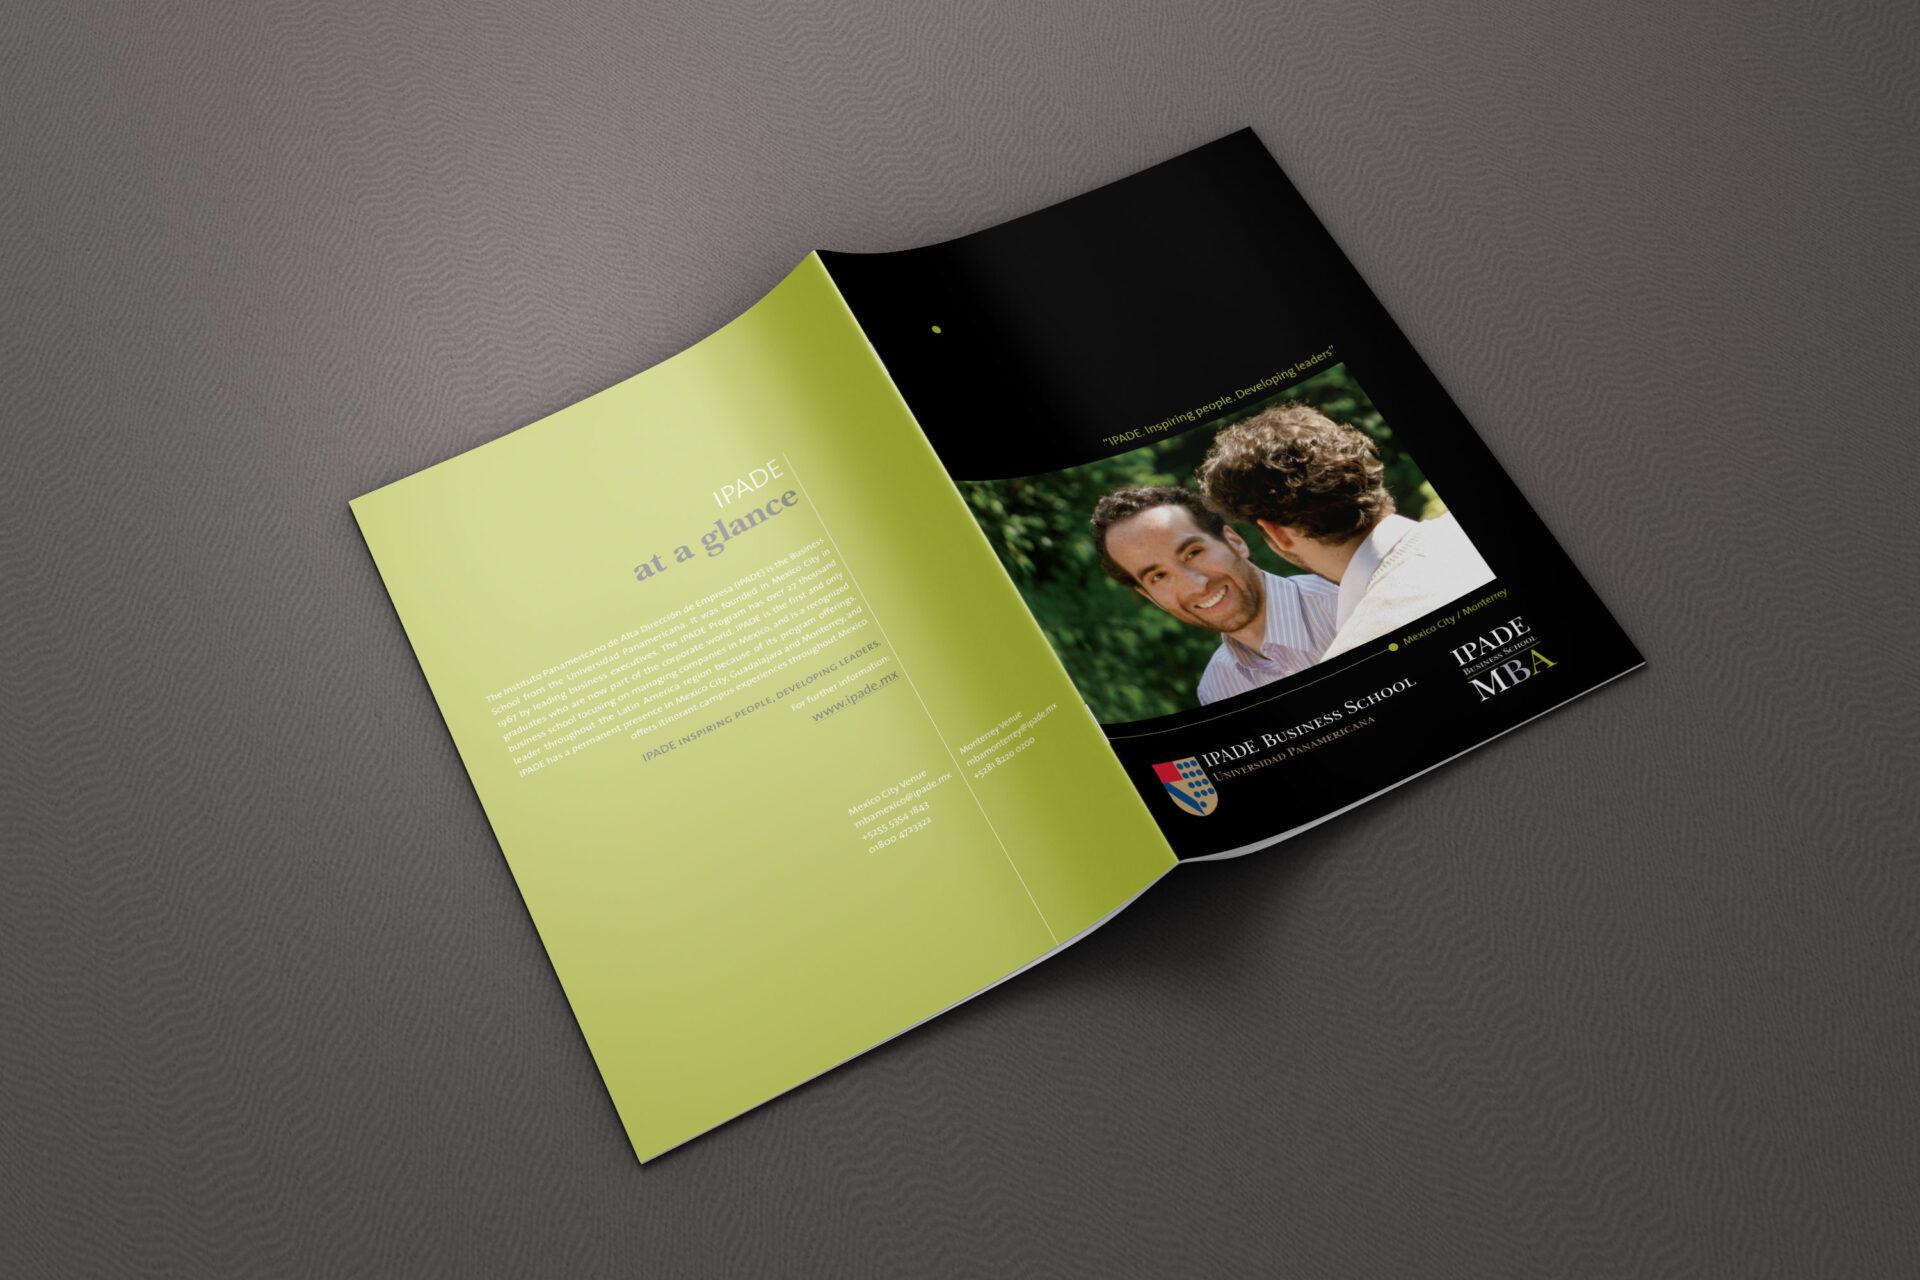 IPADE-Full-Time-MBA-02